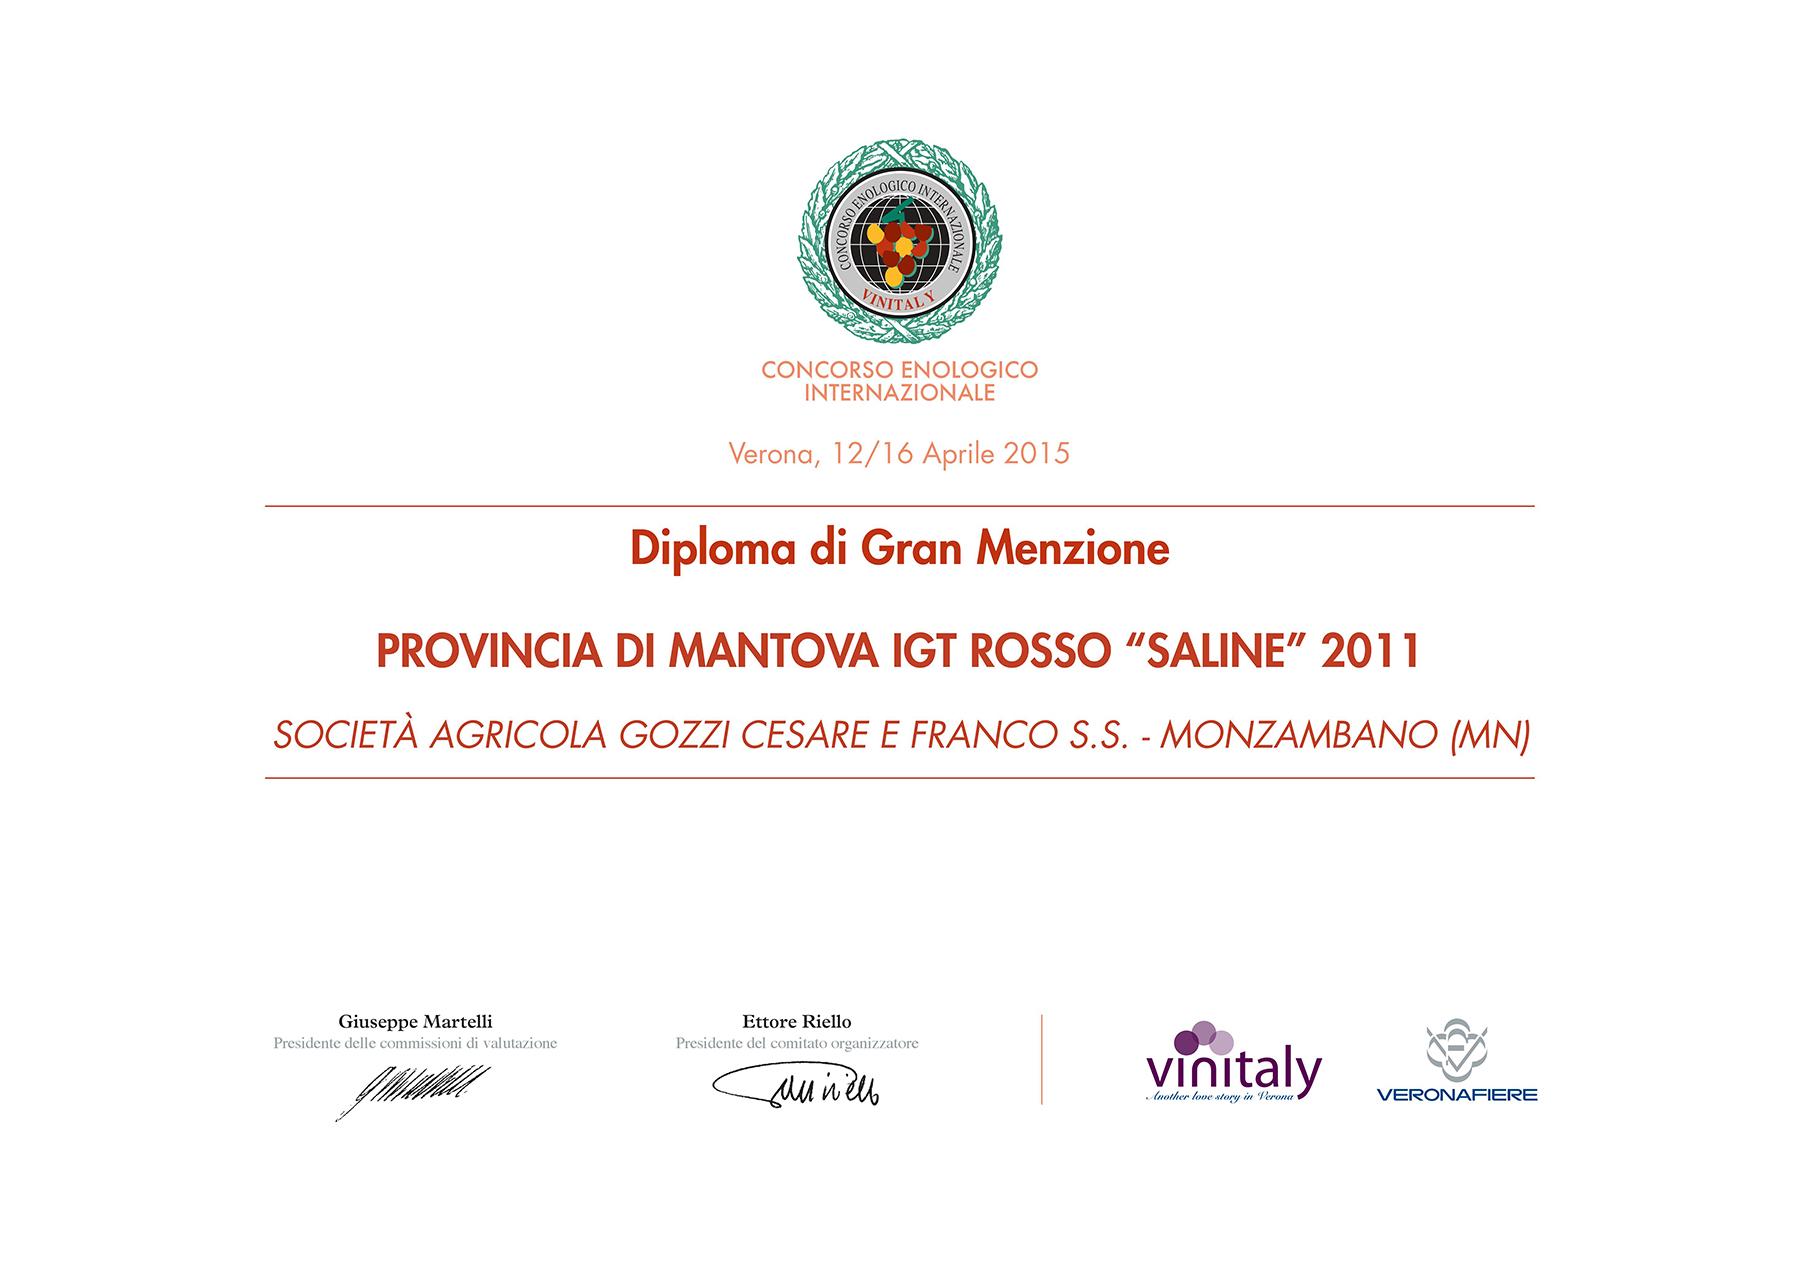 Saline2011GranMenzione2015-vini-garda